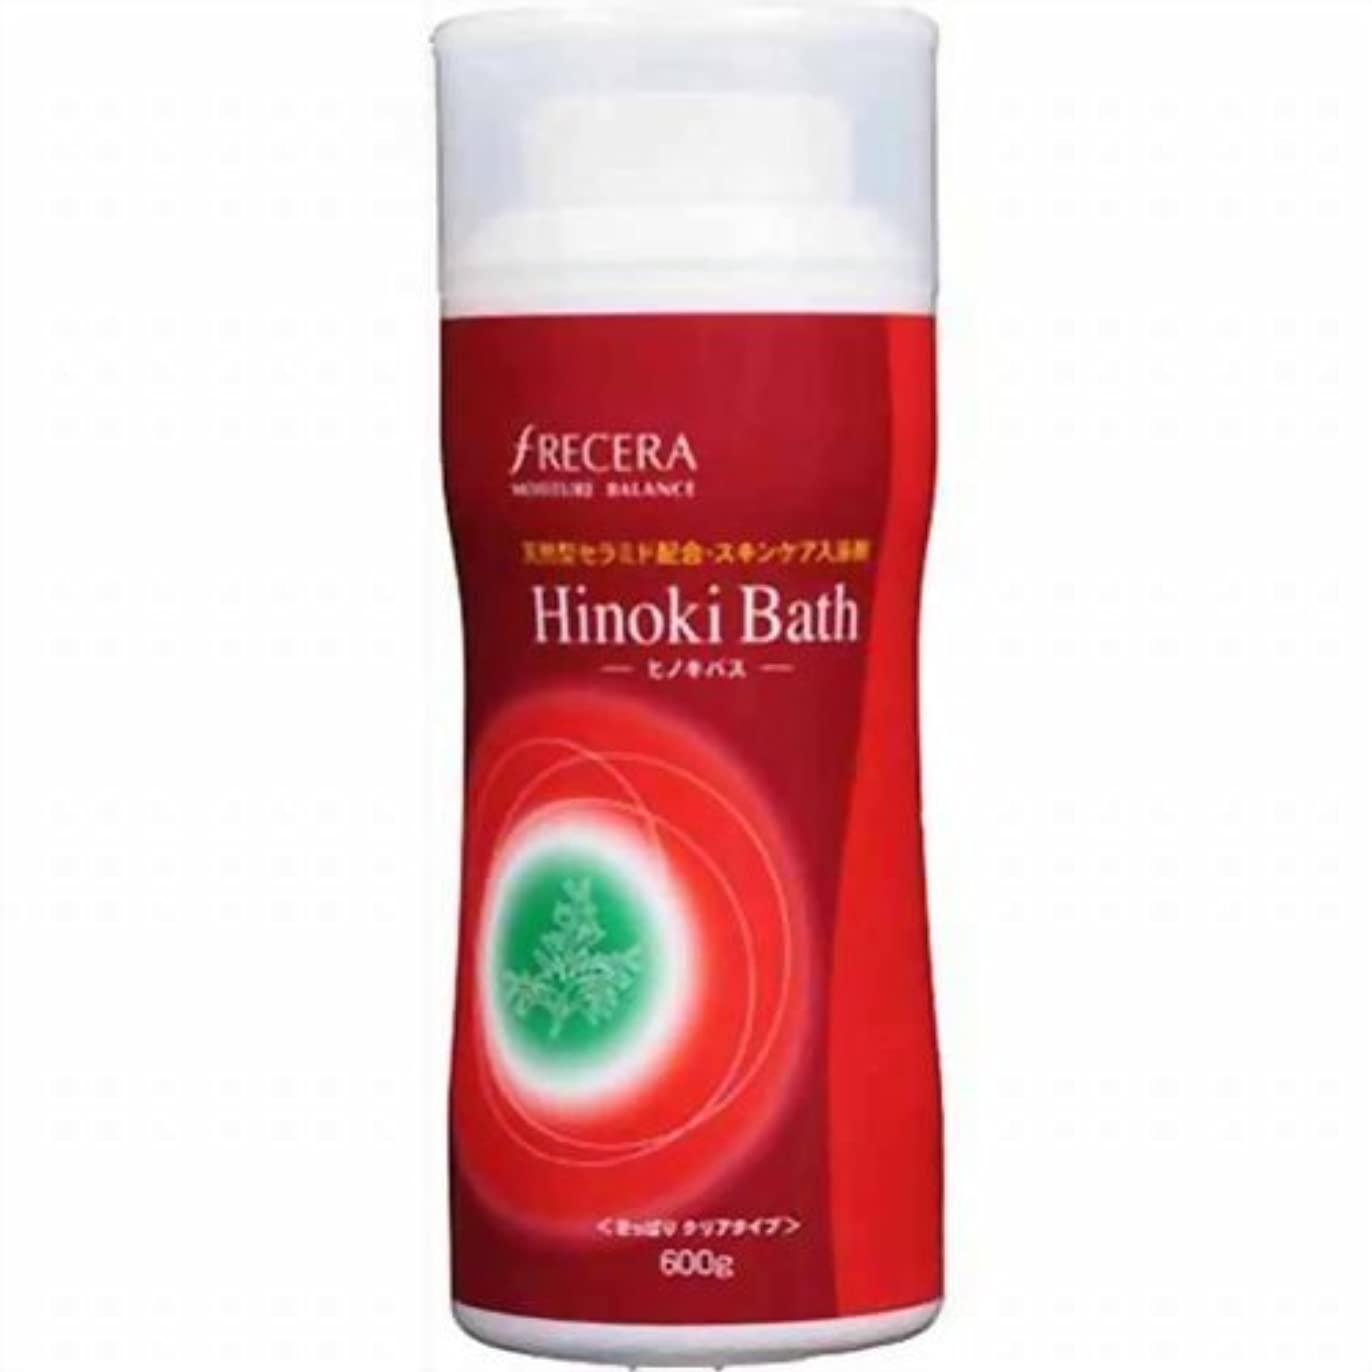 ひらめき位置づける覆すフレッセラ セラミド入浴剤 ヒノキバス 600g